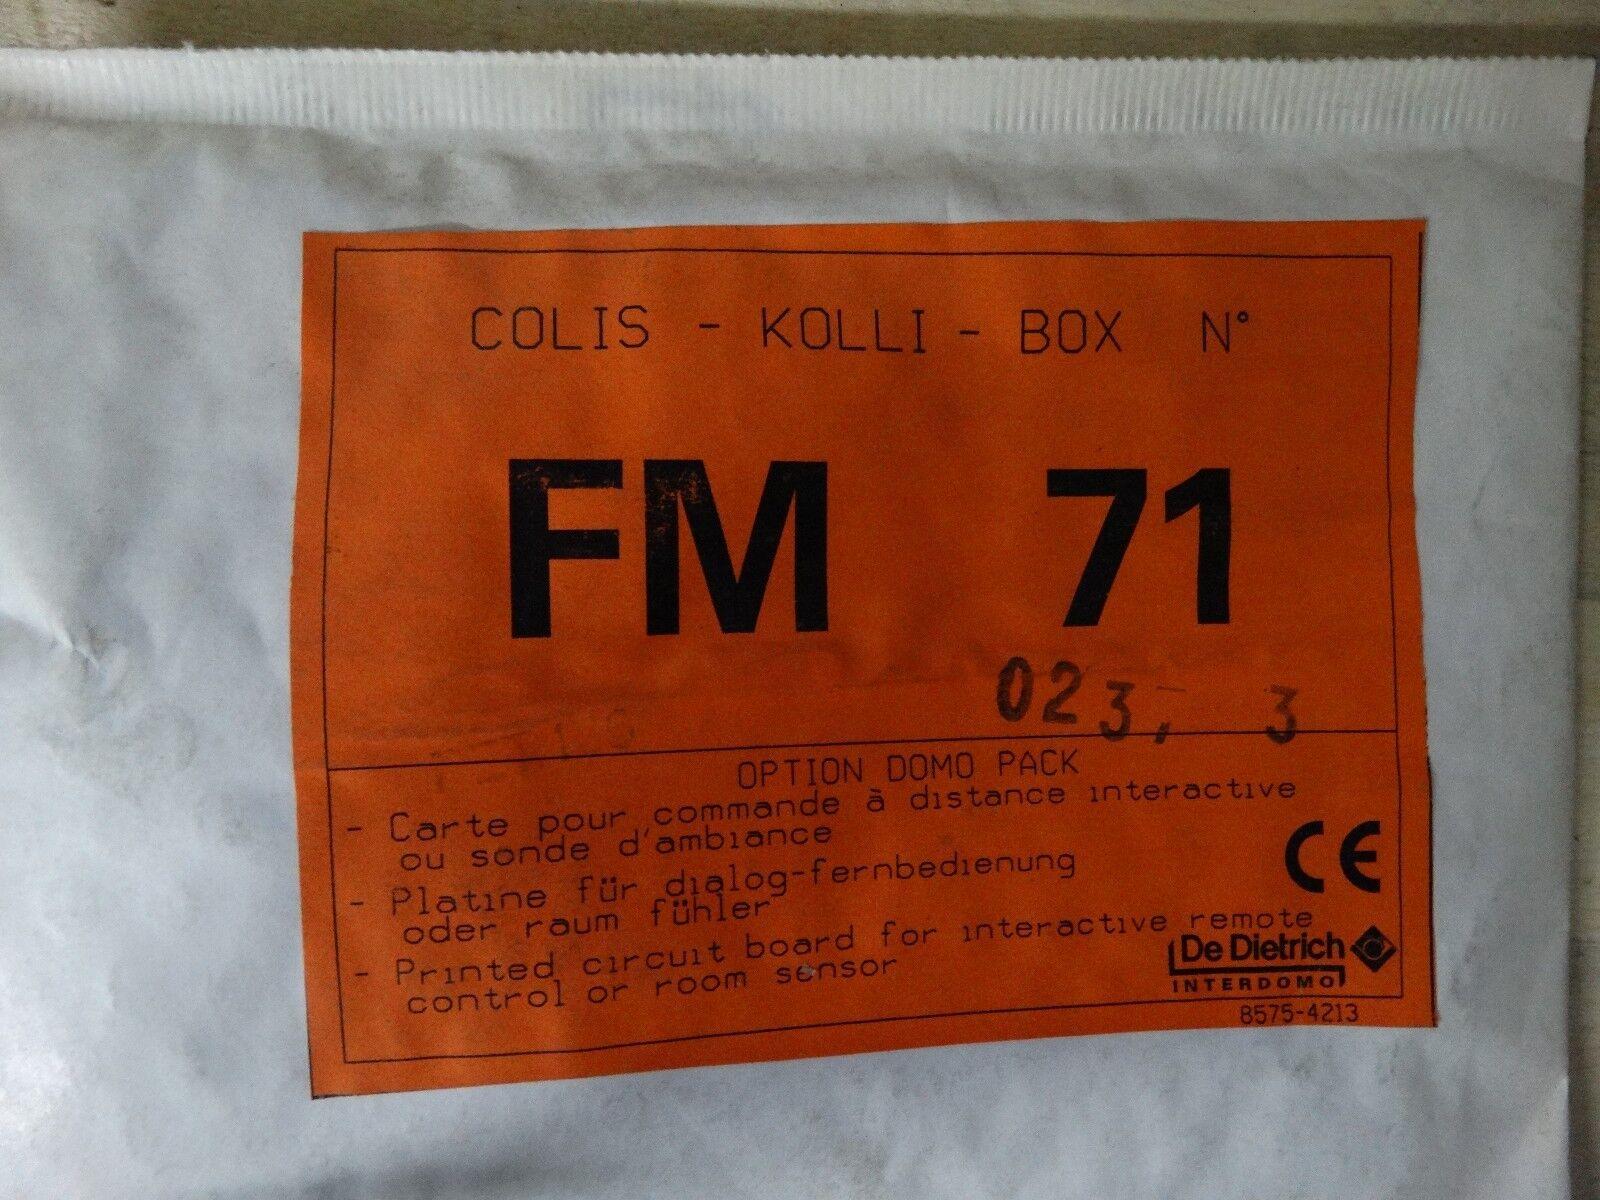 DeDietrich Interdomo De Dietrich FM 71 Kolli für Domolight Zusatz Platine